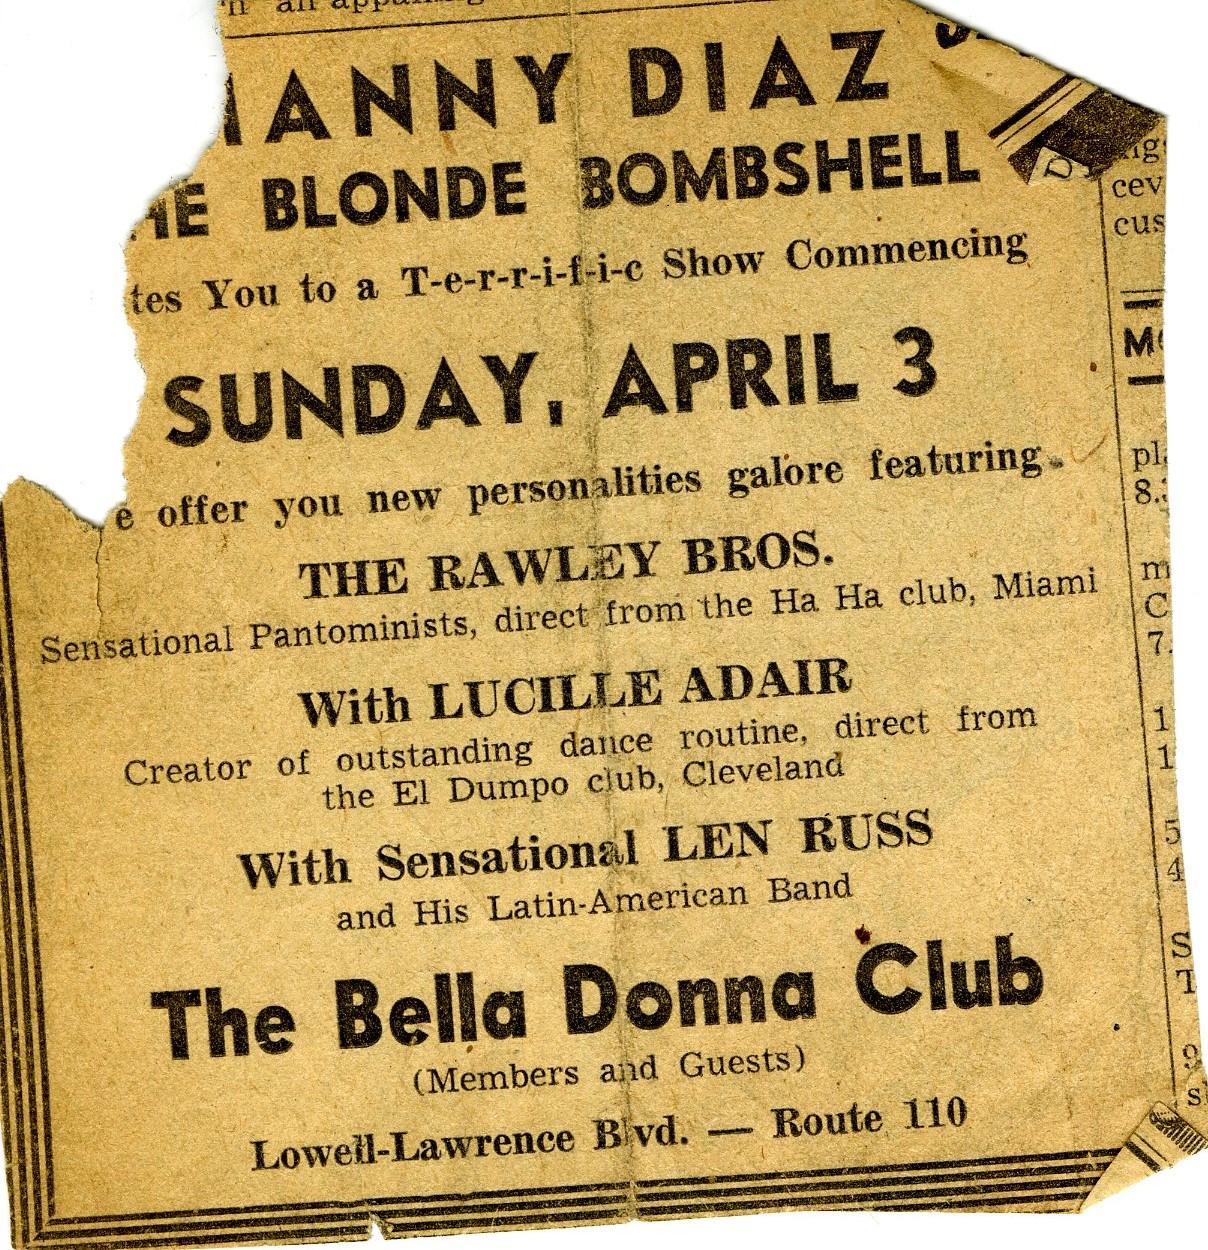 Manny Diaz Blond Bombshell